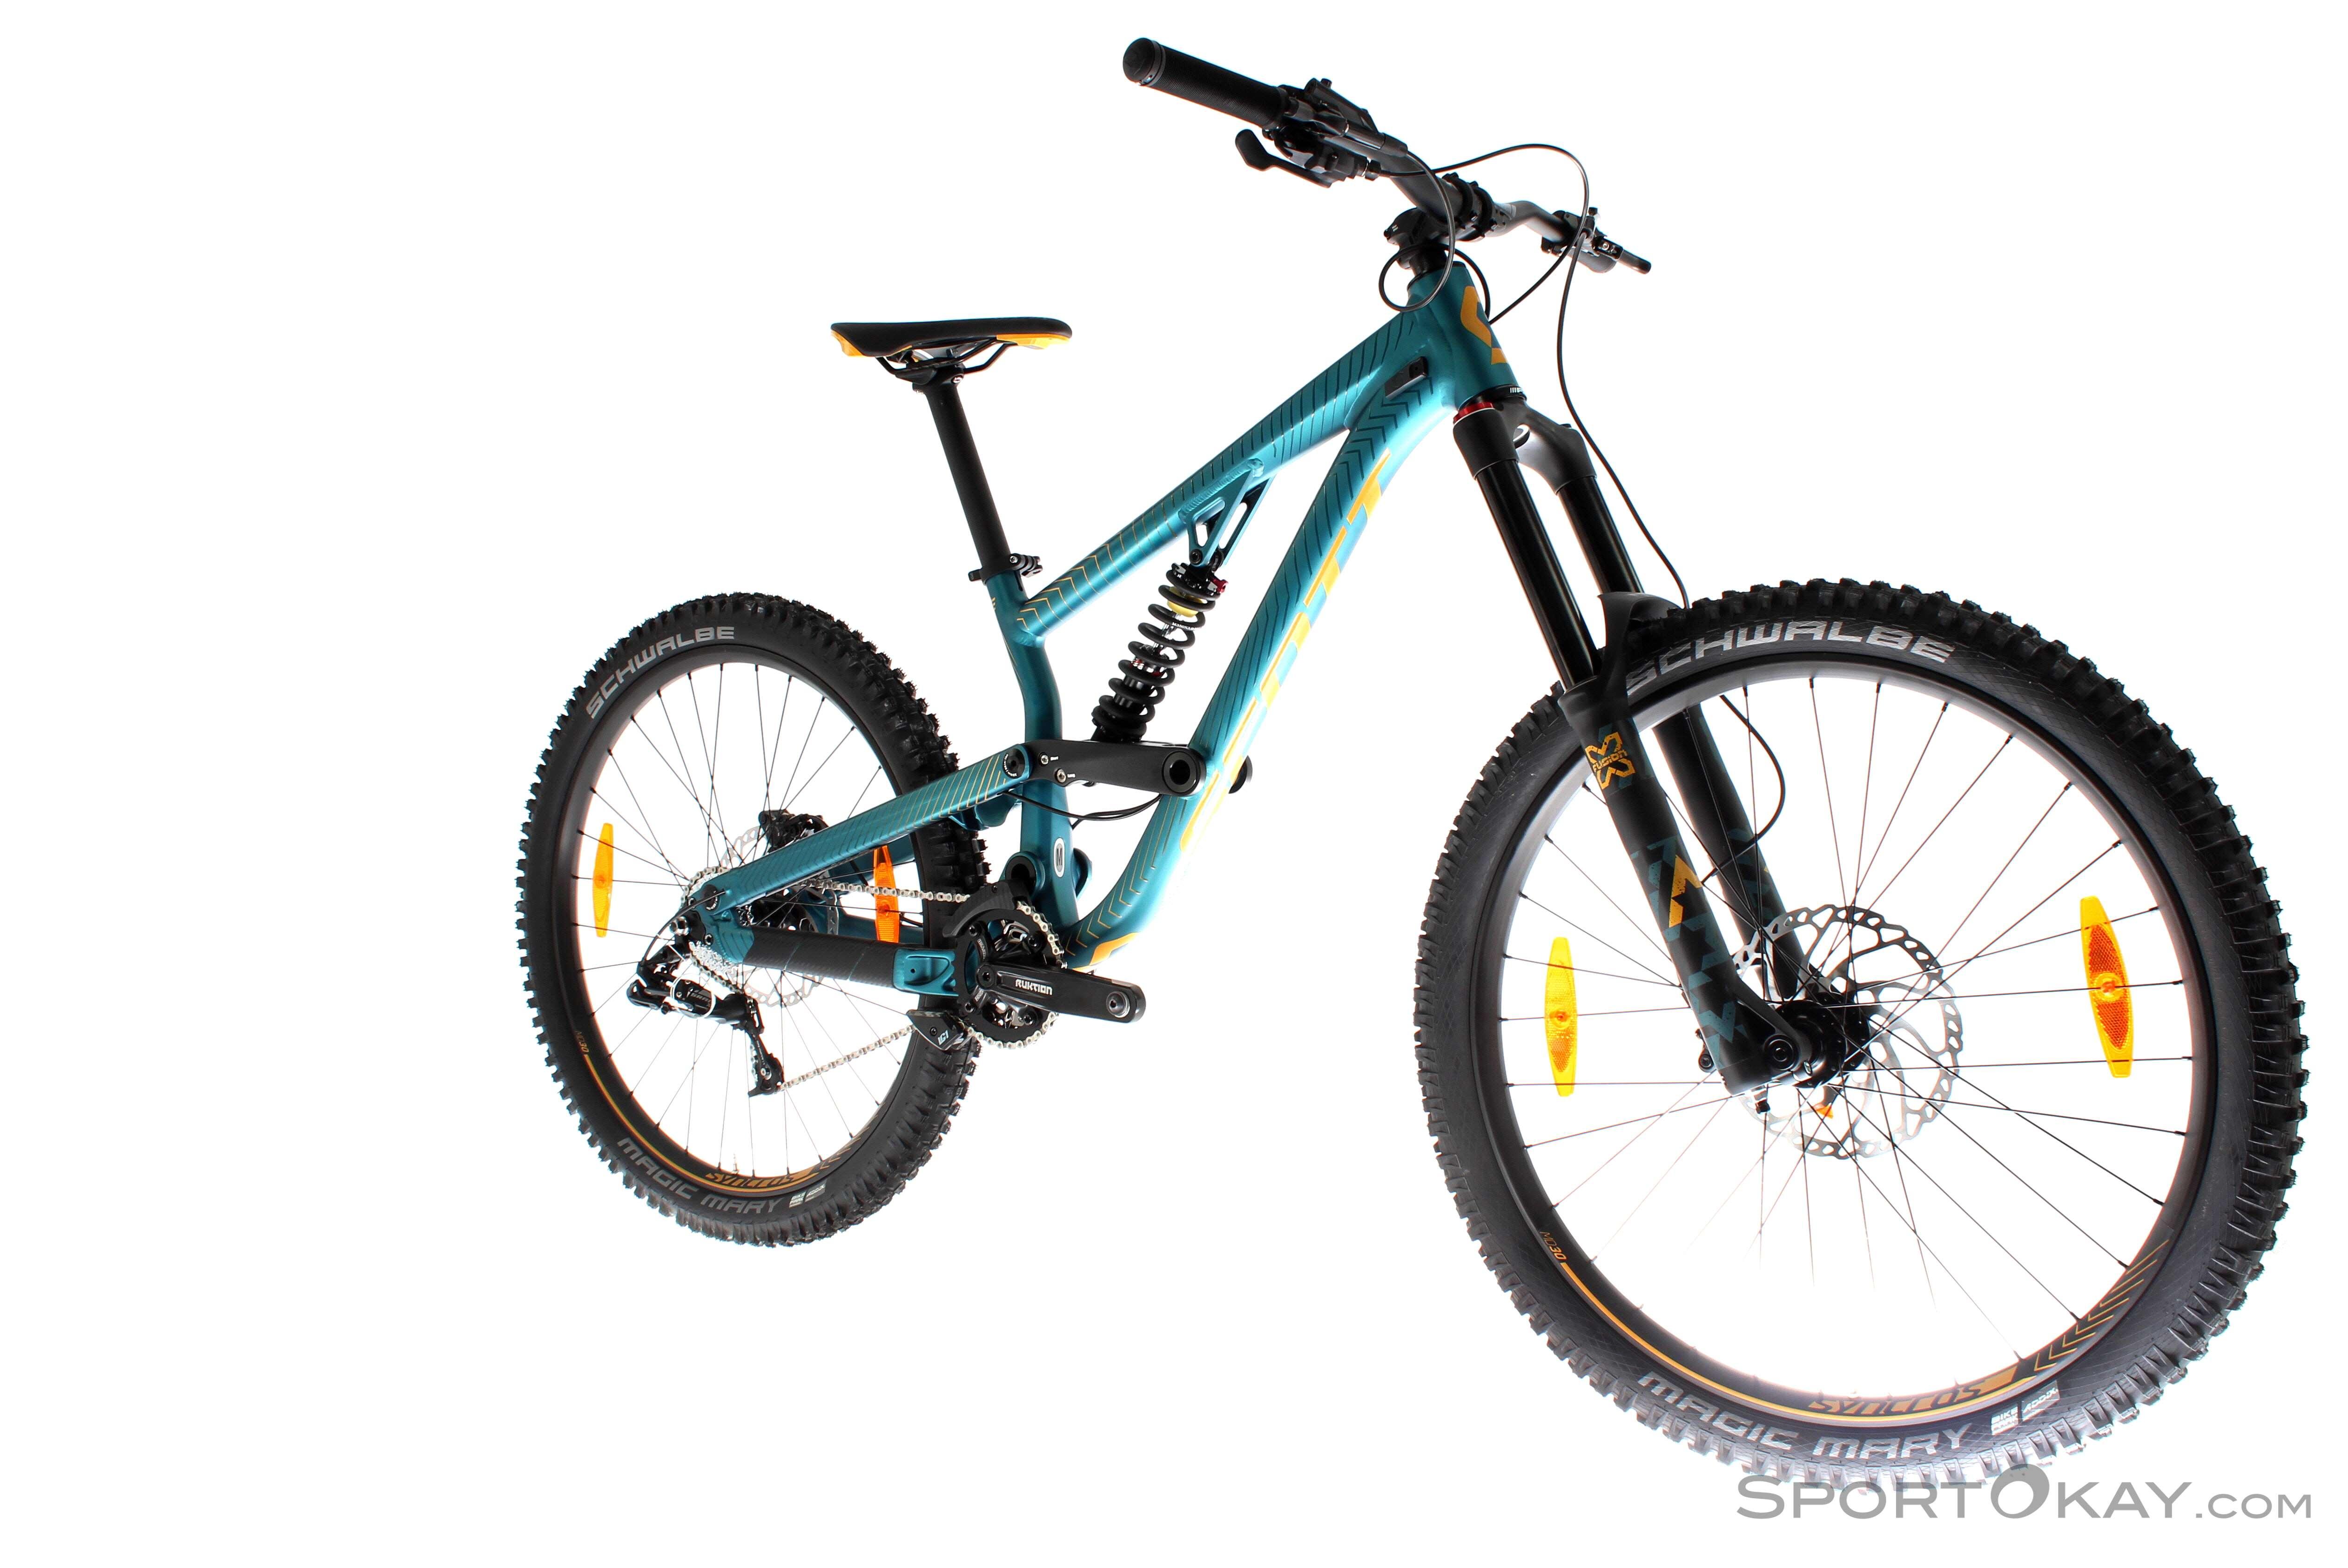 Scott Scott Voltage Fr 720 2018 Bicicletta Freeride